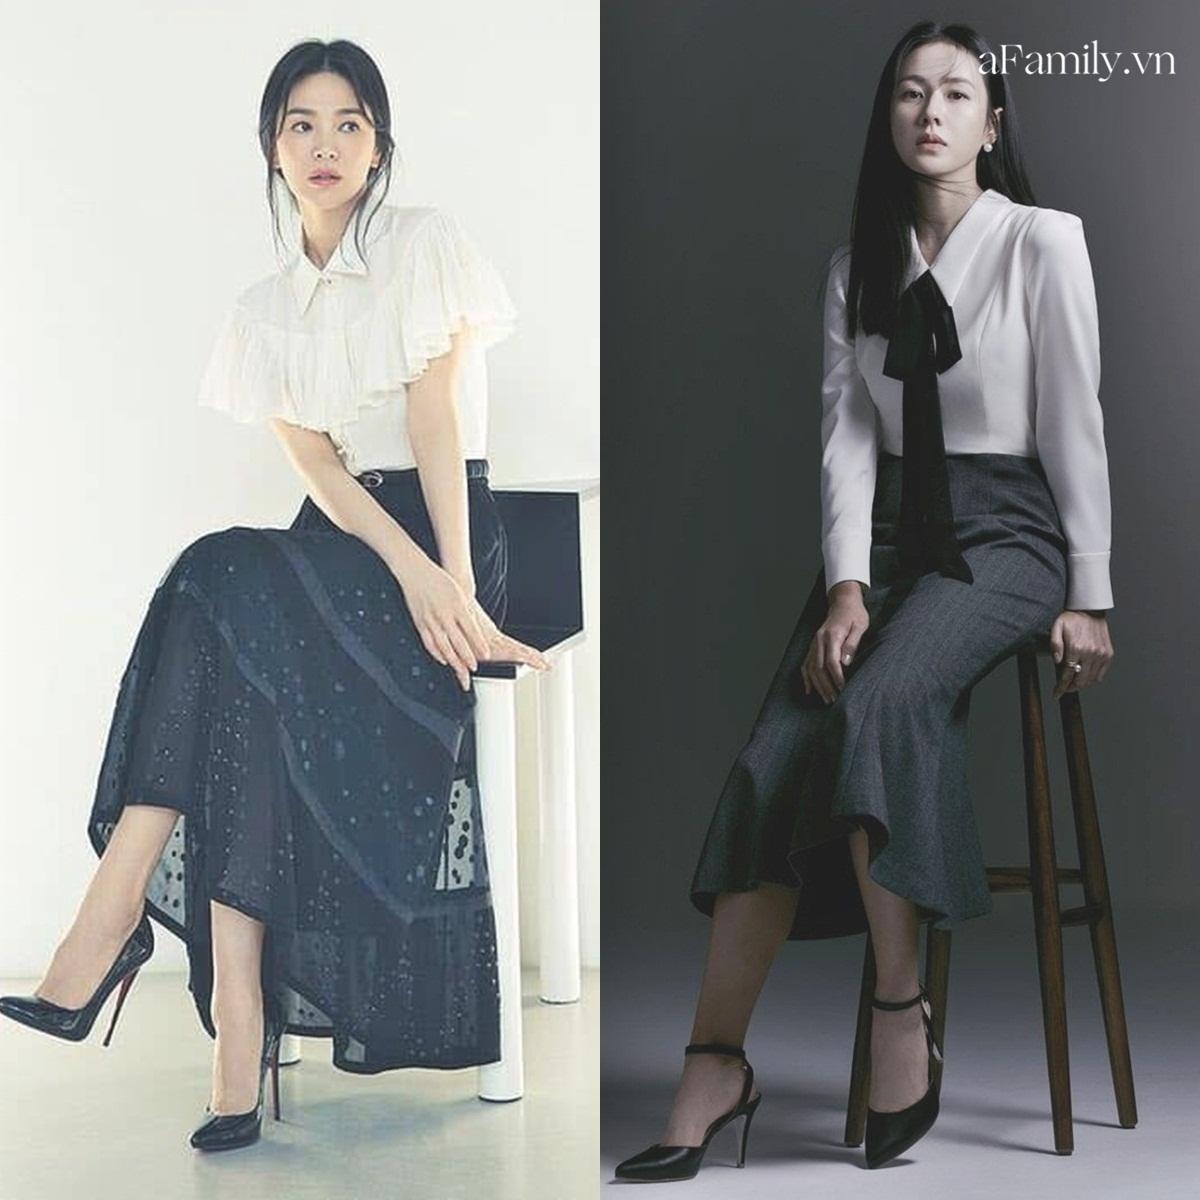 Song Hye Kyo Son Ye Jin làm mẫu đồ công sở Thu Đông - Ảnh 4.